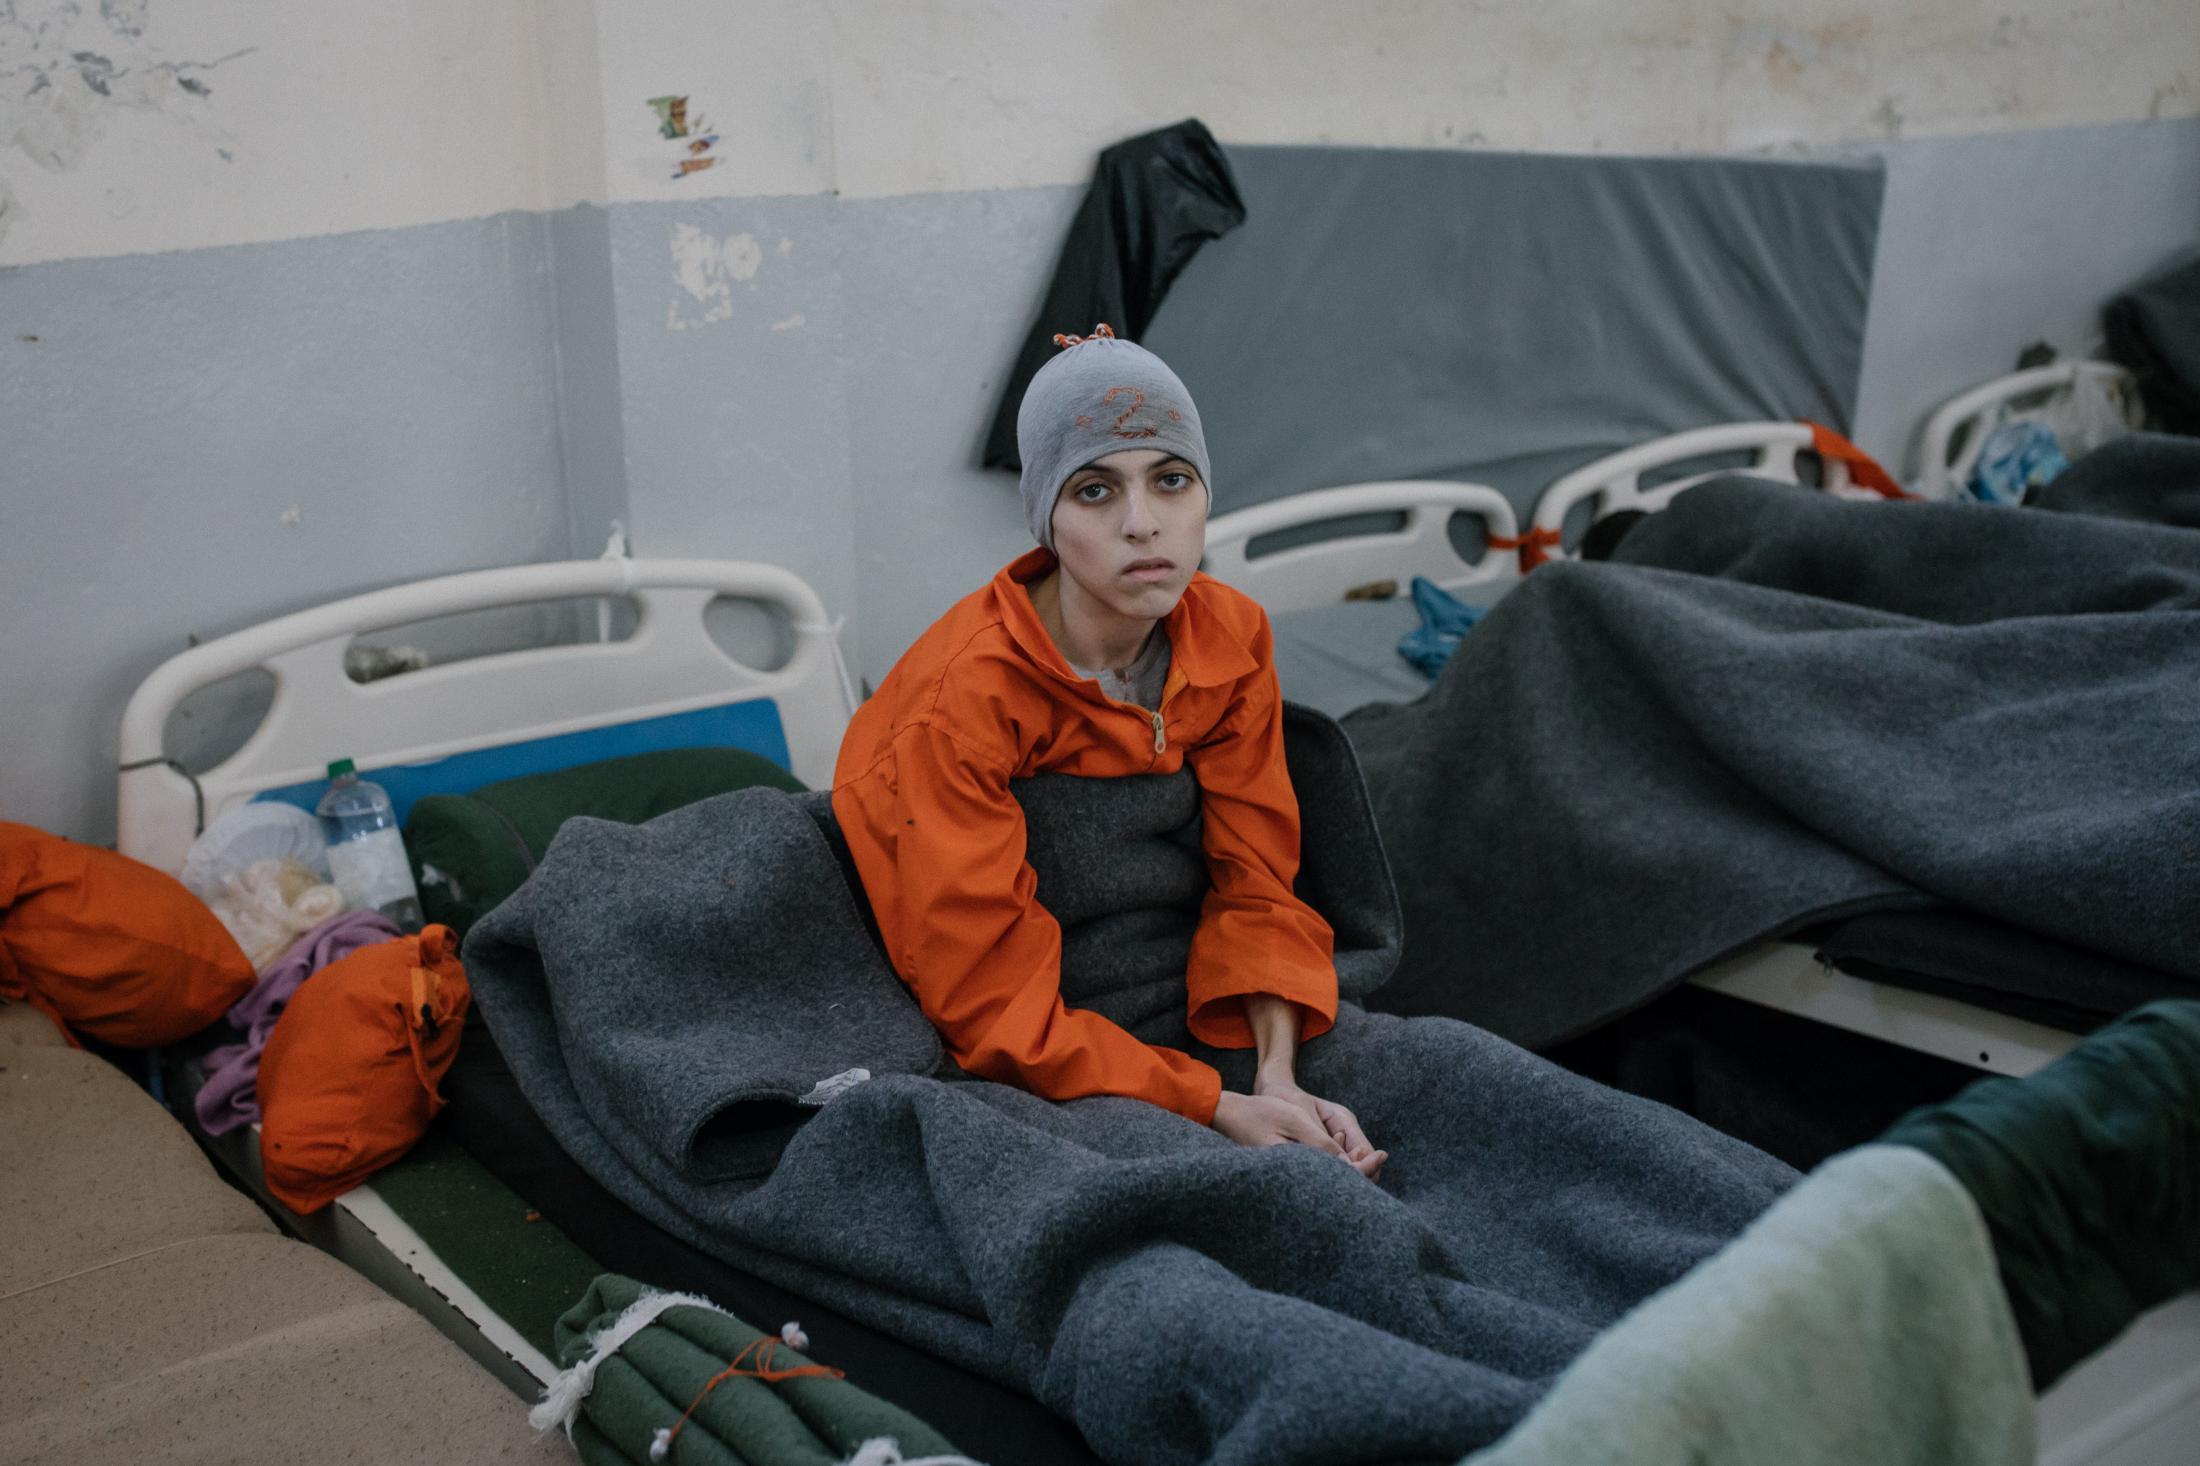 Le 30 octobre 2019, Hassake, nord est syrien. Environ 5000 prisonniers supposés membres de l'Etat islamique vivent dans cette université transformée en prison. Parmi eux, de nombreux enfants ou jeunes adolescents, souvent mélangés aux adultes. Ils sont d'origine européennes, russes, américains. Ce garçon souffre de malnutrition.